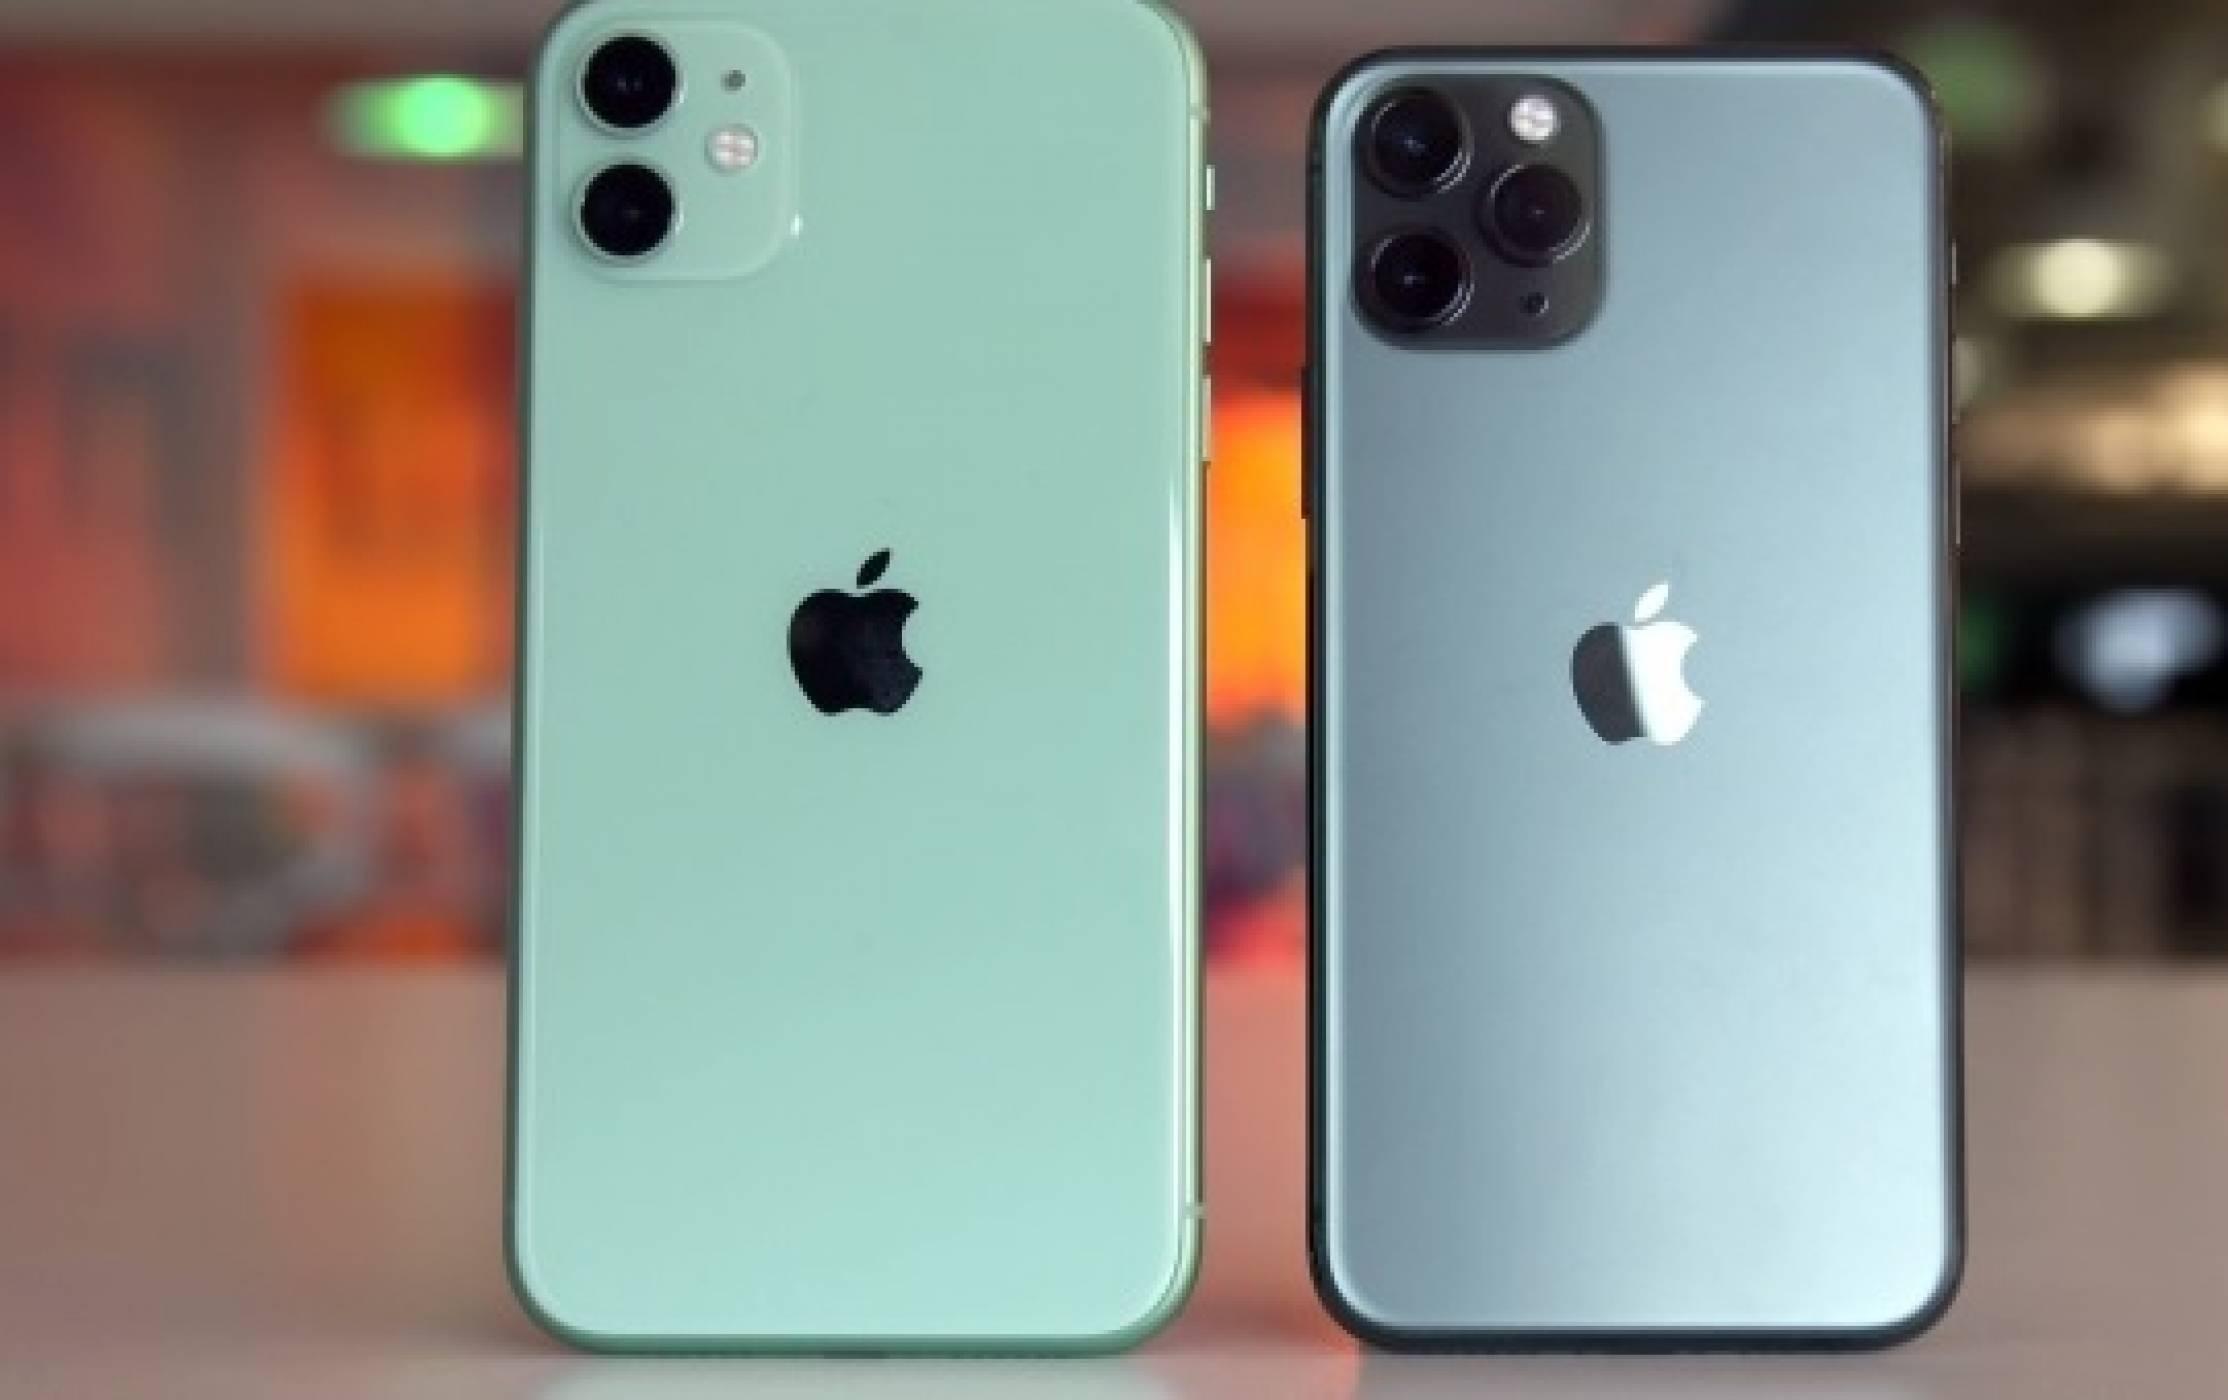 Зеленикав оттенък на дисплея тормози iPhone 11